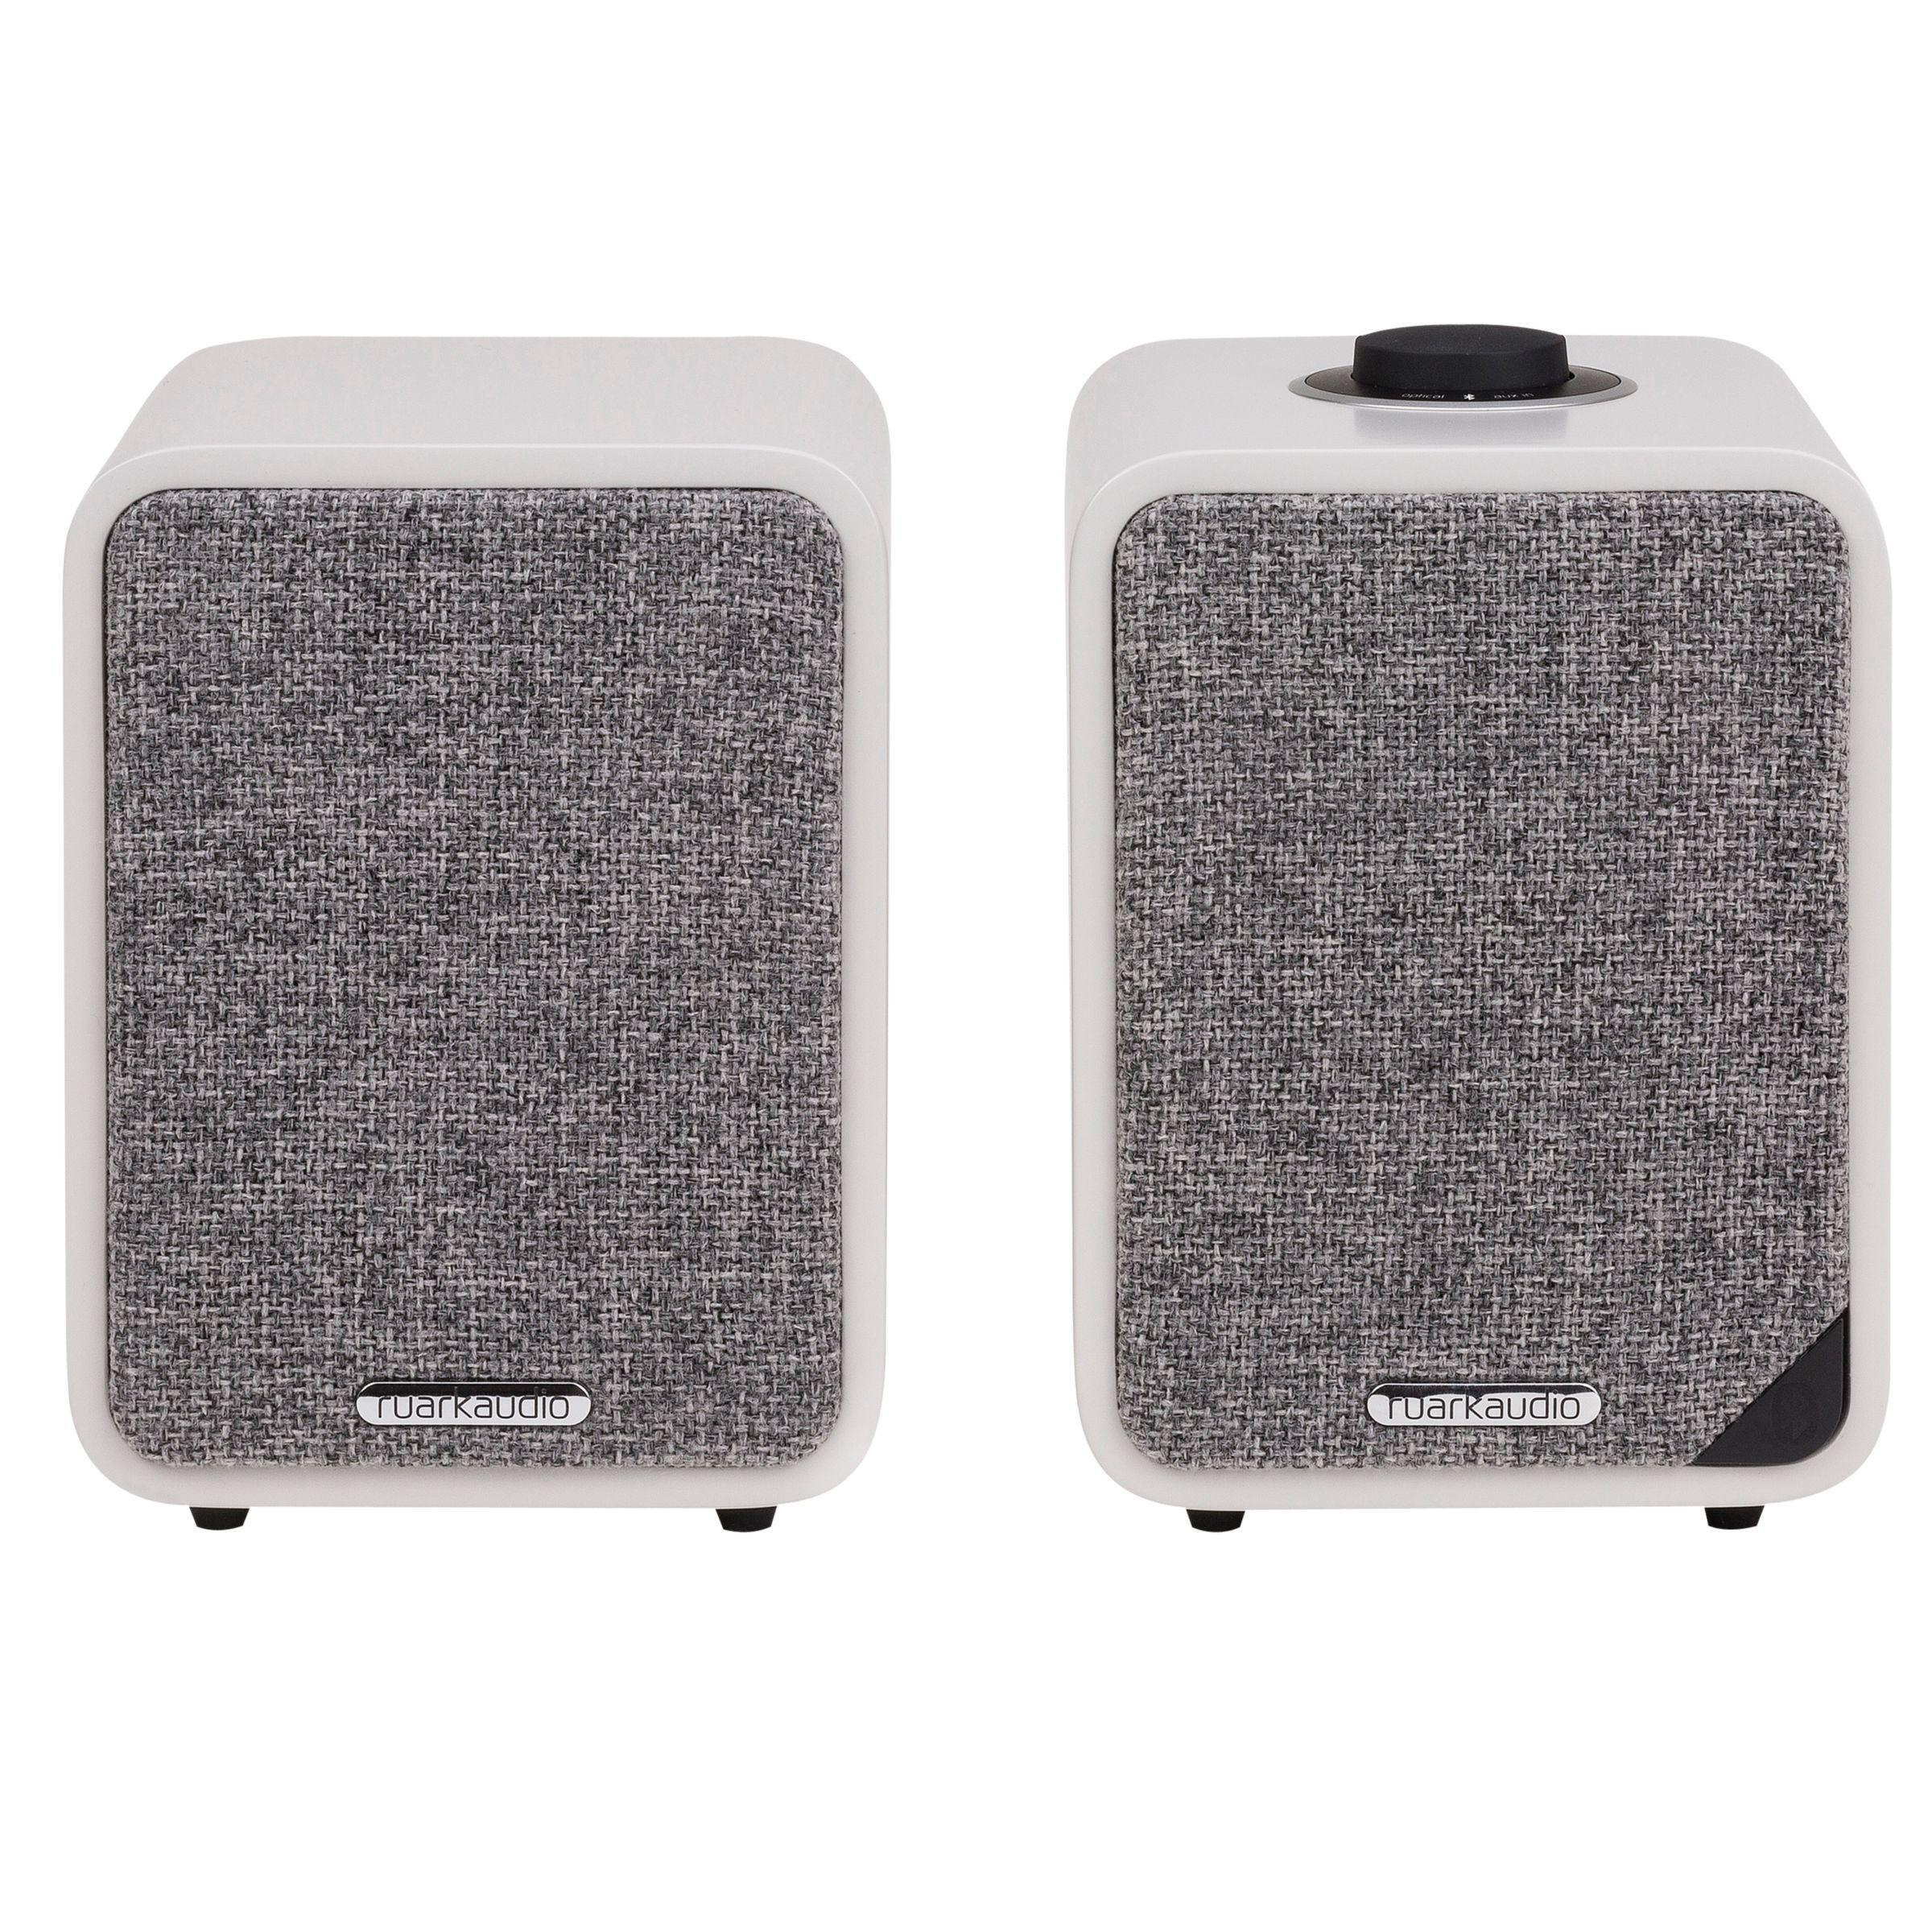 Ruark Audio Ruark MR1 MkII Bluetooth Speaker System